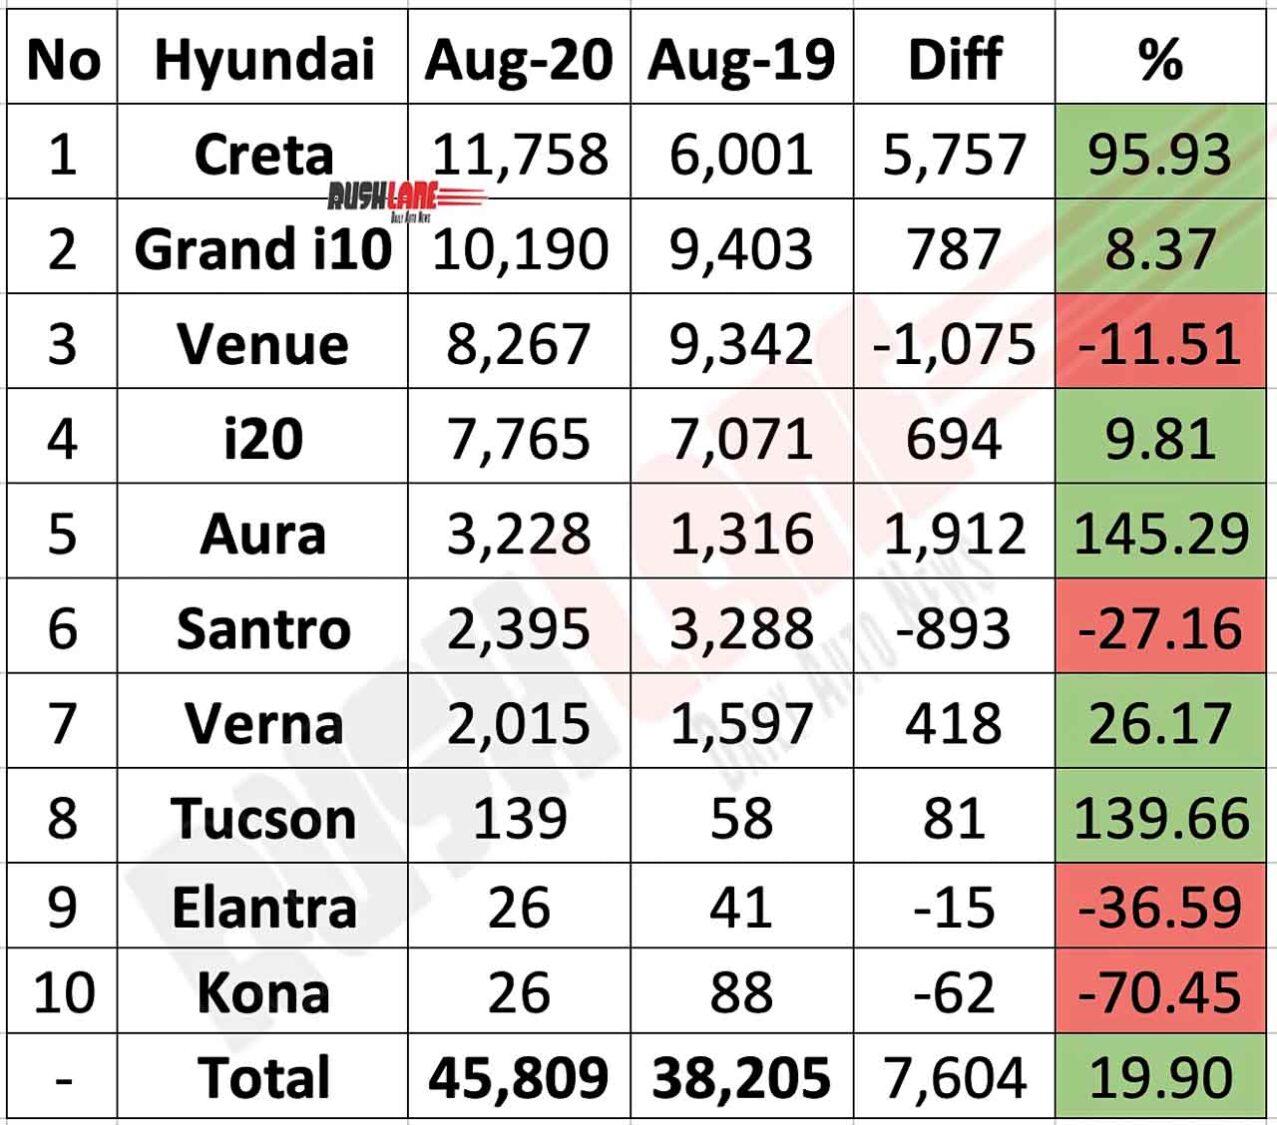 Hyundai Car Sales Data - Aug 2020